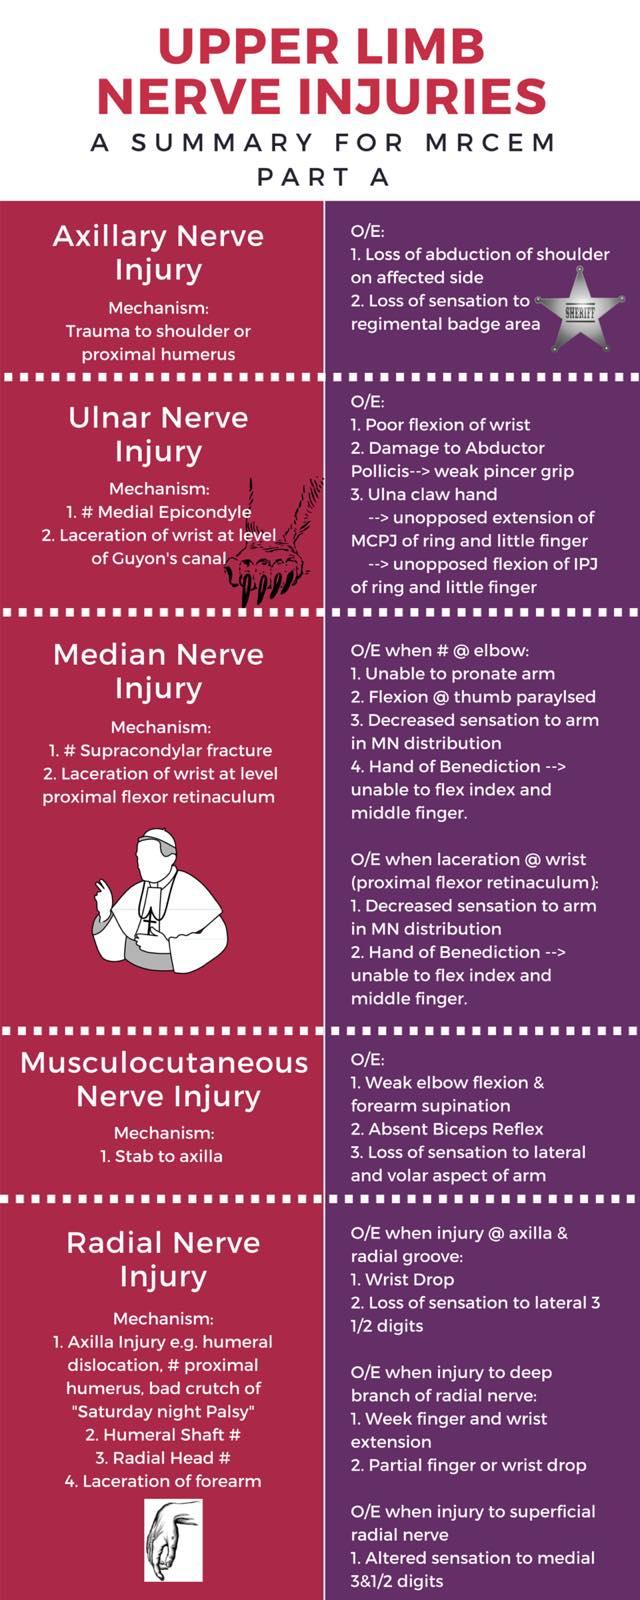 Upper Limb Nerve Injuries